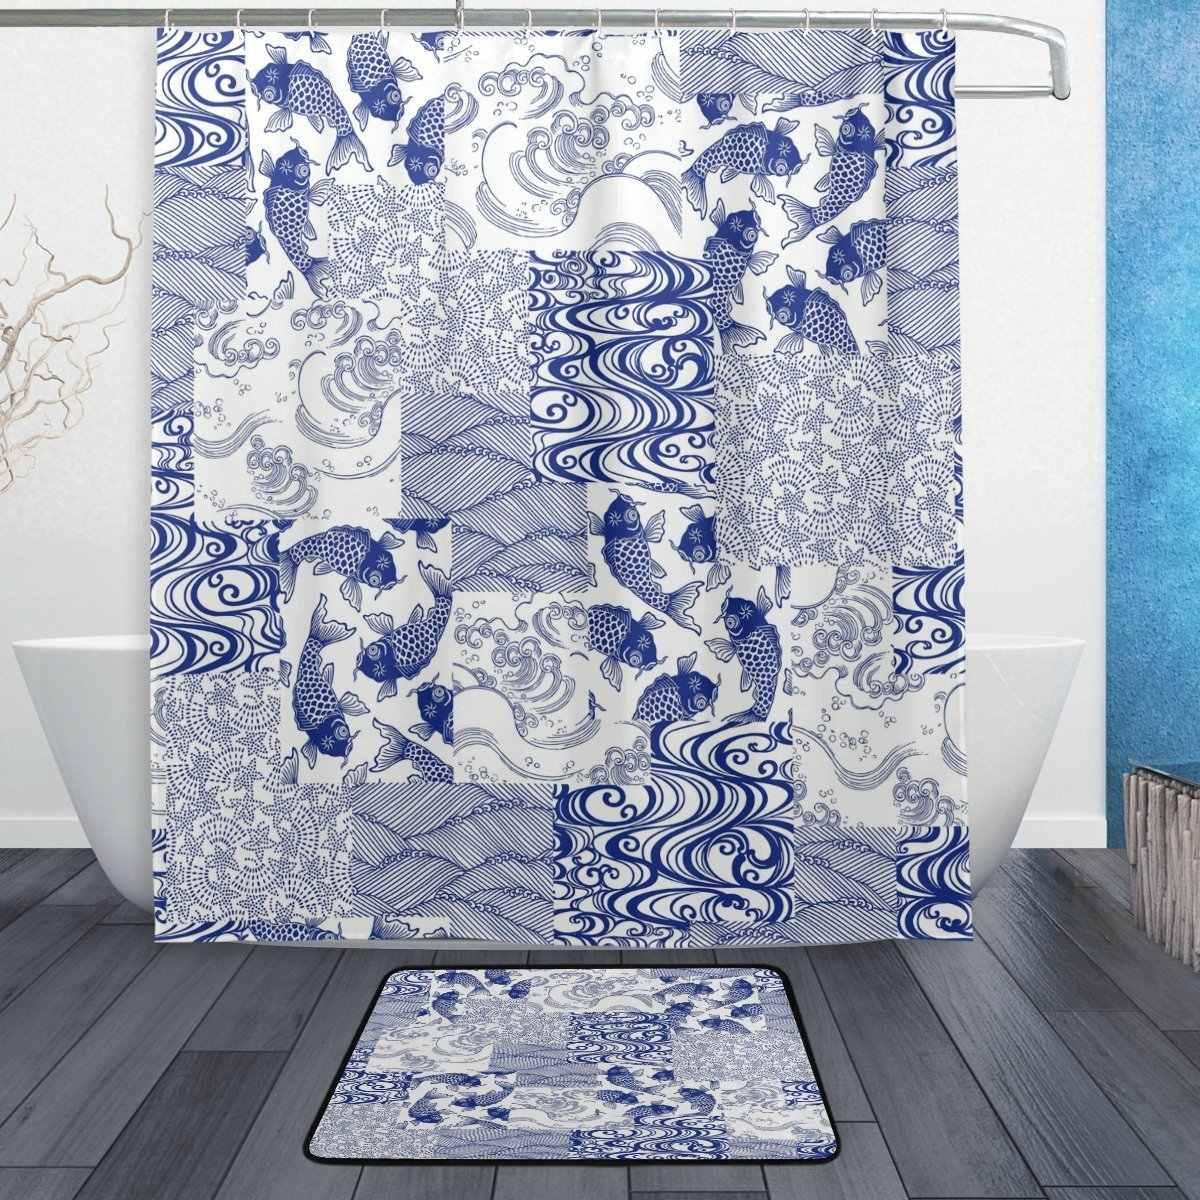 Cortina de ducha asiática japonesa y juego de esteras, cortina de baño de tela exótica étnica Koi